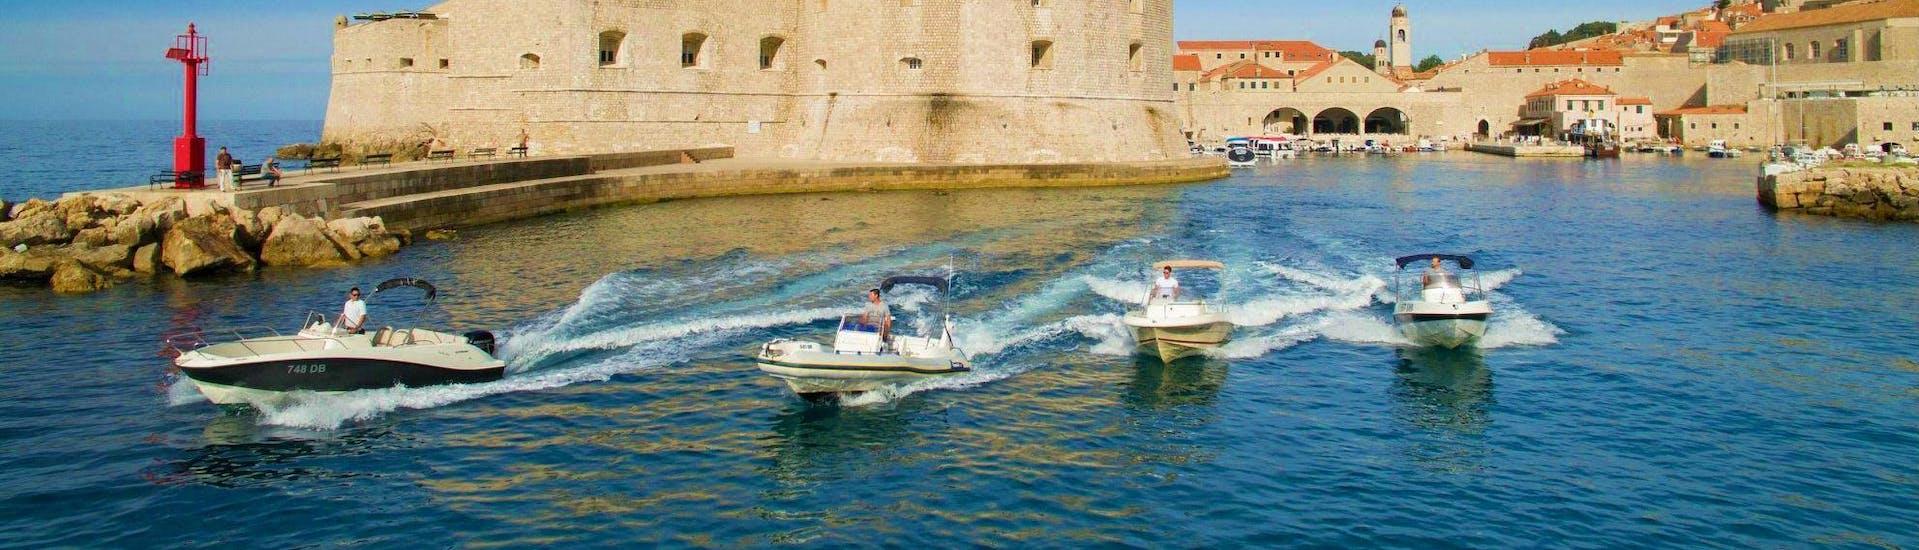 Explore Dubrovnik by Boat bietet eine Vielzahl verschiedener Boote, auf denen man mit einem privaten Skipper die Inseln rund um die Stadt erkunden kann.